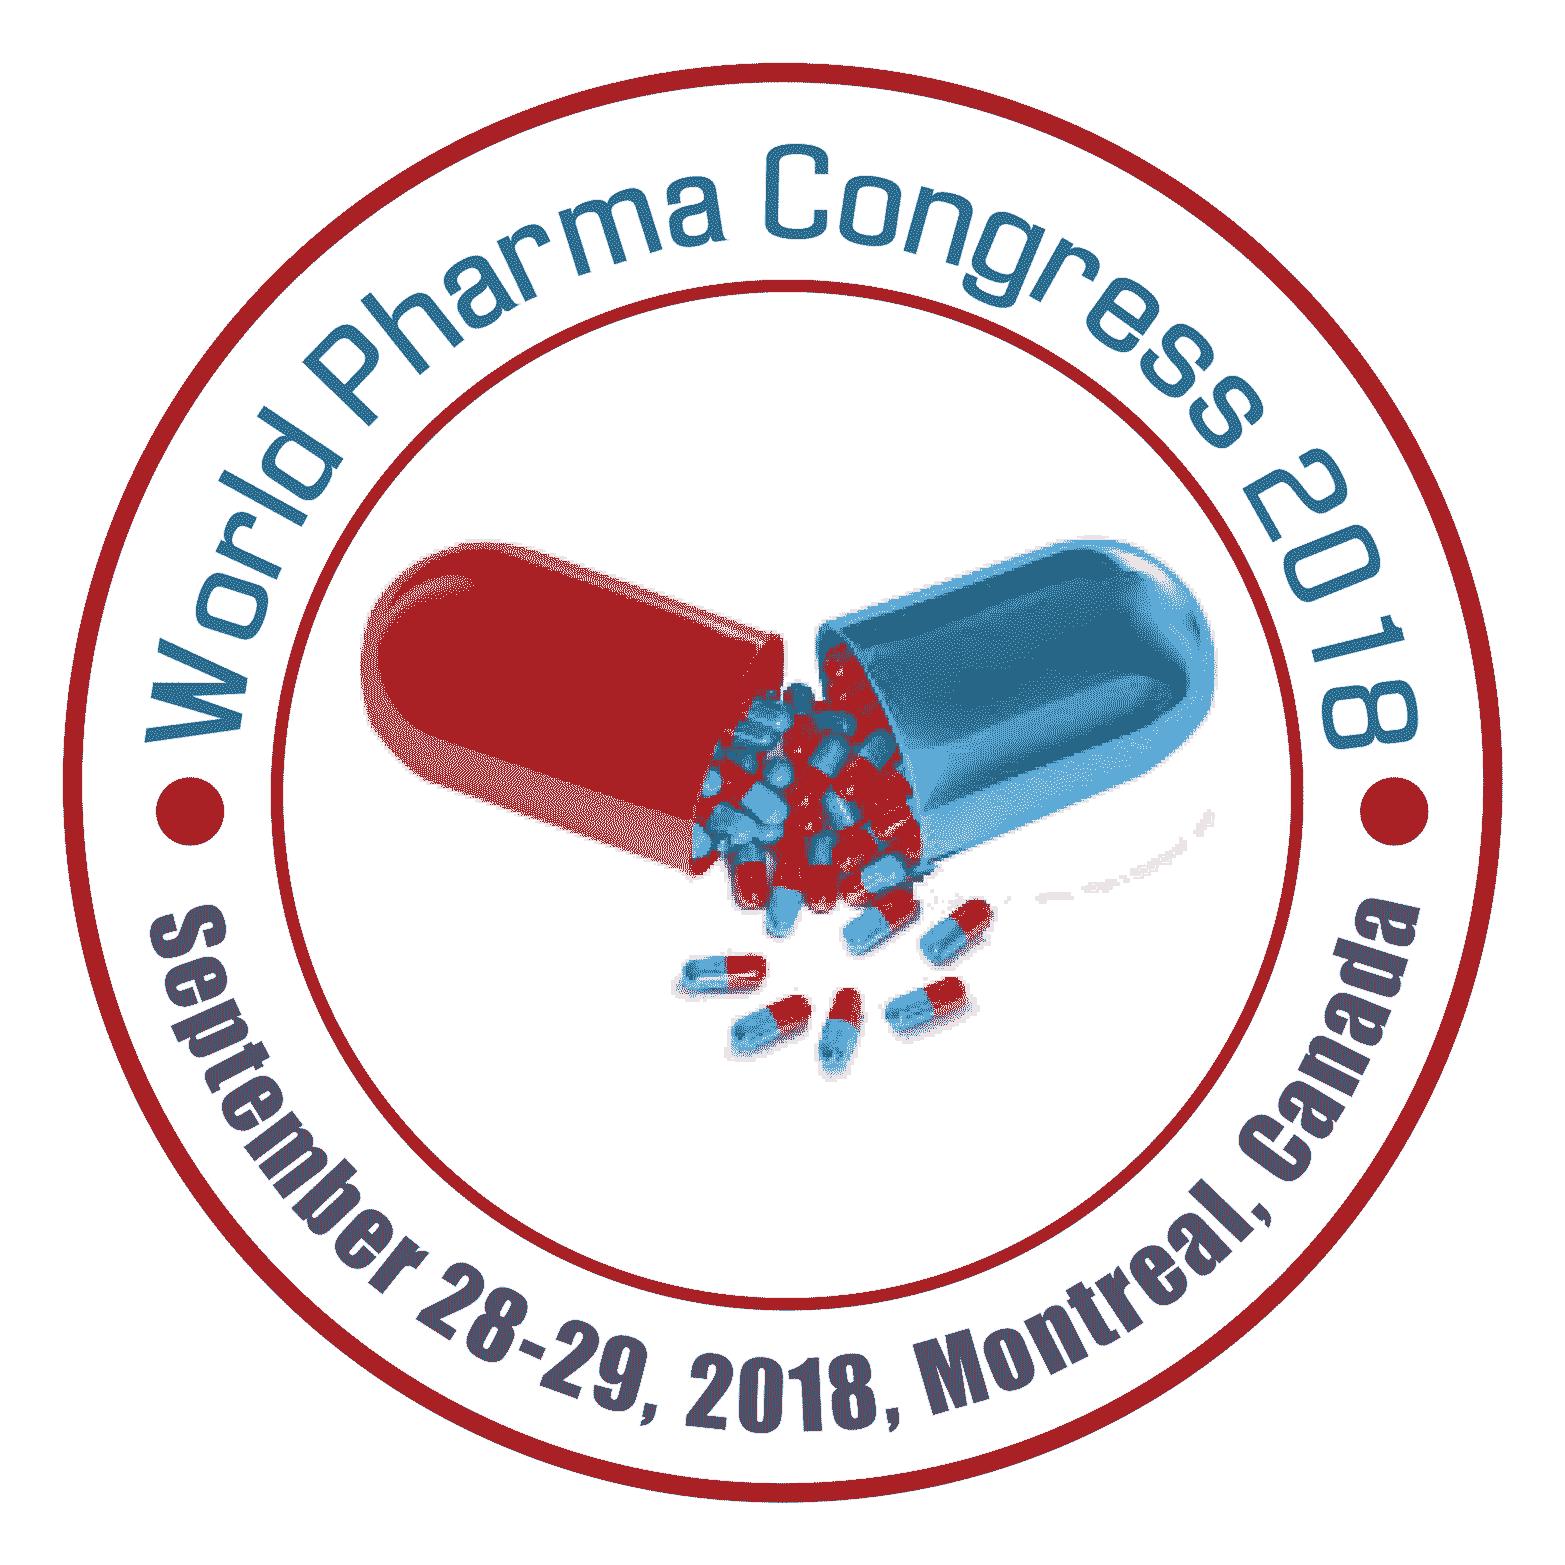 Pharmaceutics Conferences 2018